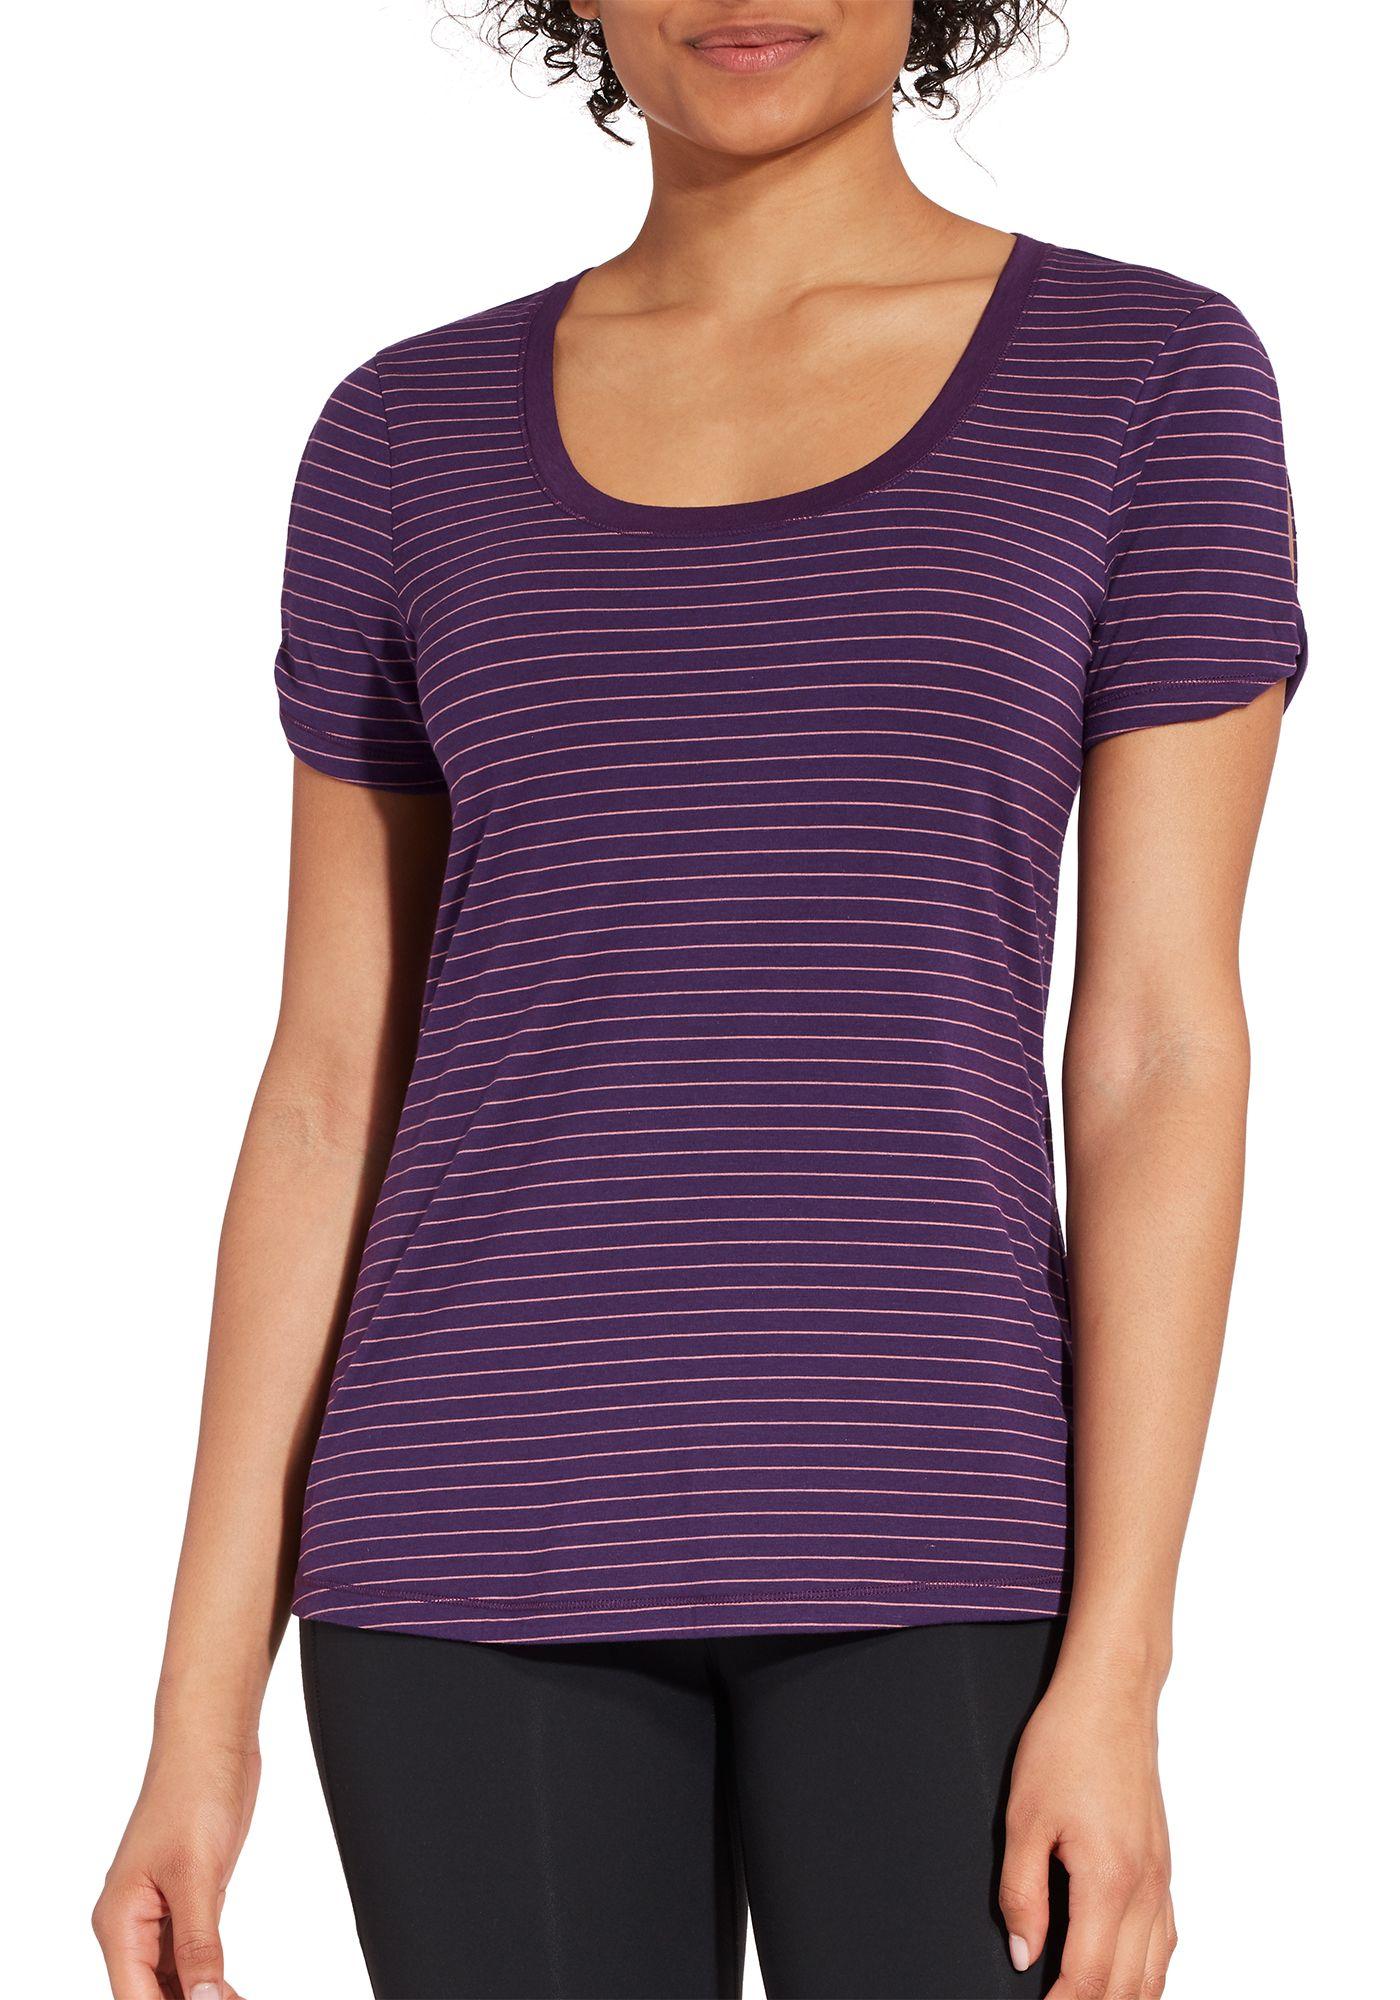 CALIA by Carrie Underwood Women's Stripe Twist Sleeve T-Shirt